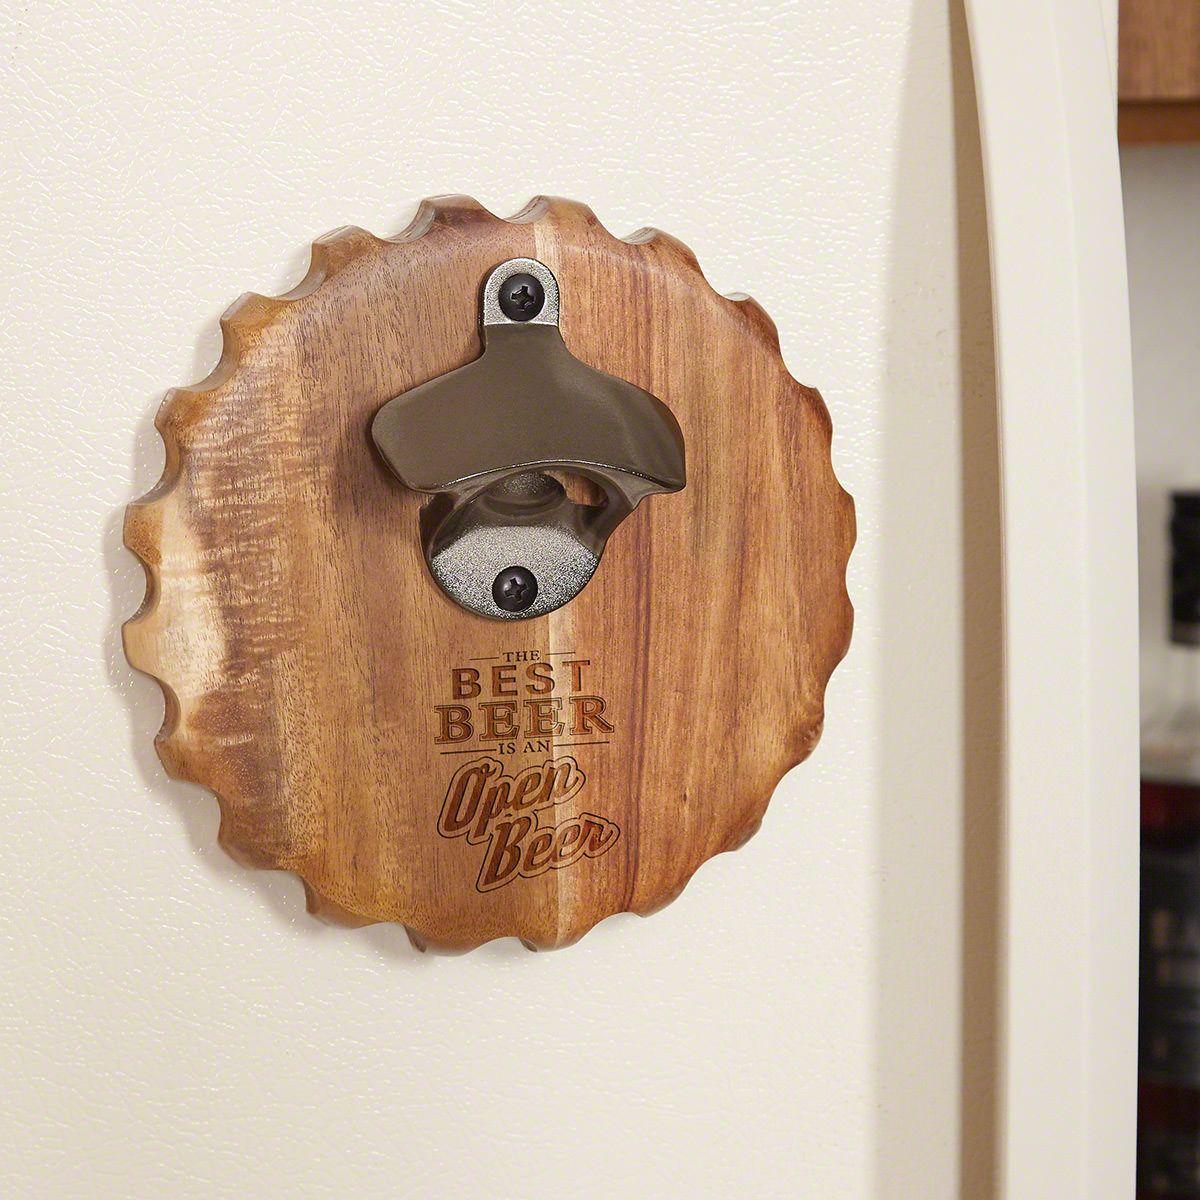 Best beer is an open beer funny magnetic bottle opener